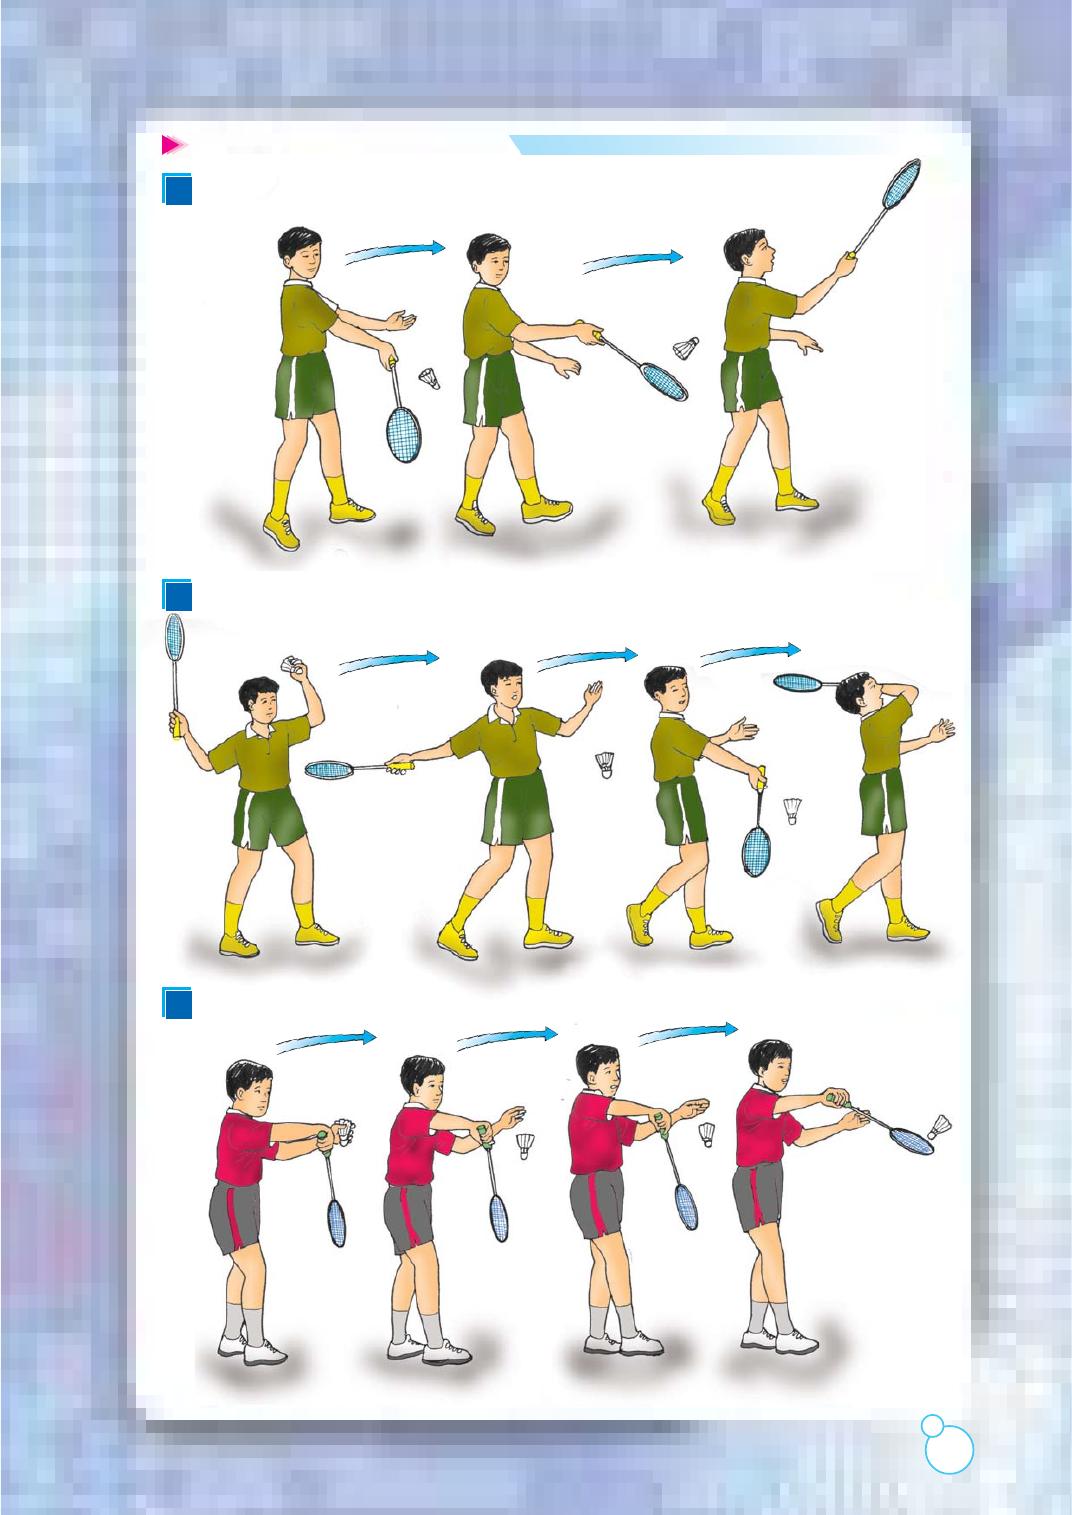 Teknik Dasar Servis Bulu Tangkis : teknik, dasar, servis, tangkis, Bulutangkis:, Tangkis